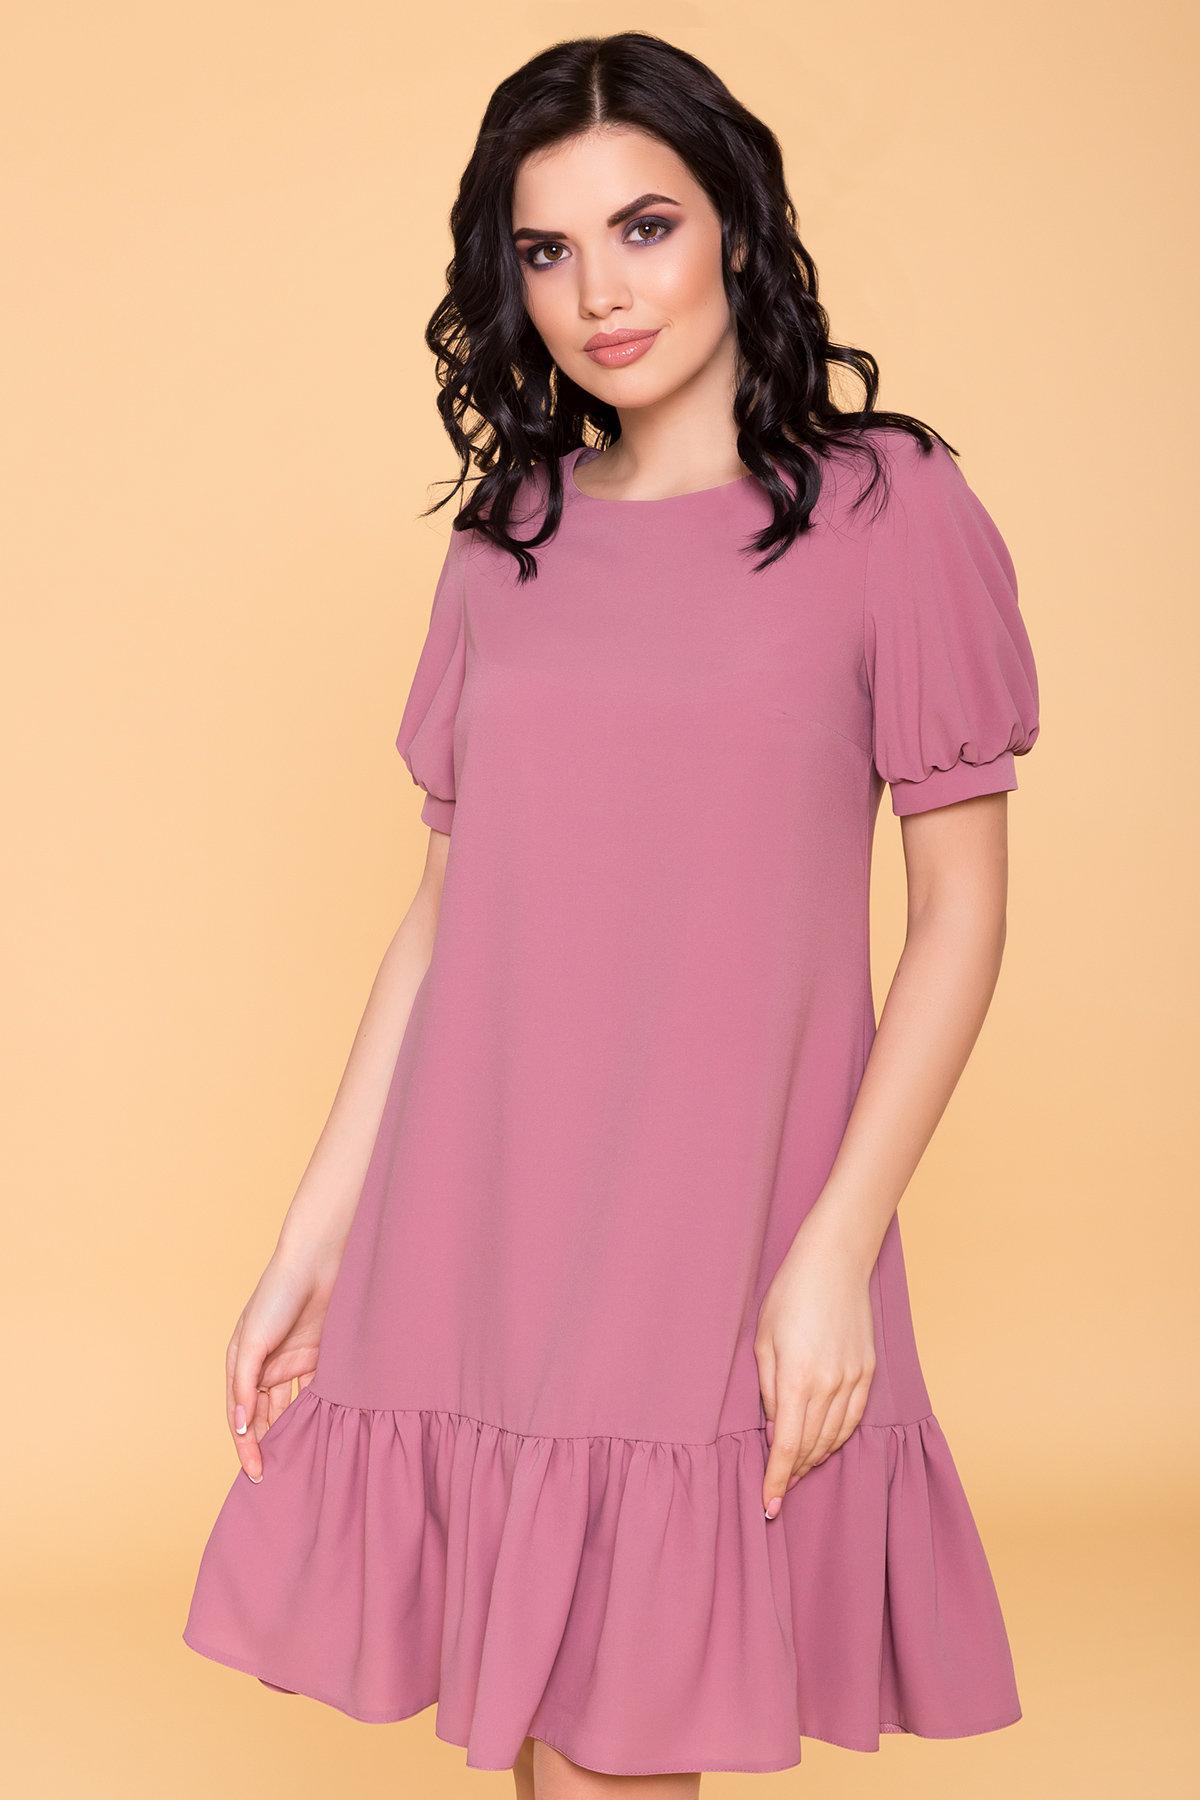 Платье Алиби 6730 АРТ. 41877 Цвет: Серо-розовый тёмный 008 - фото 3, интернет магазин tm-modus.ru